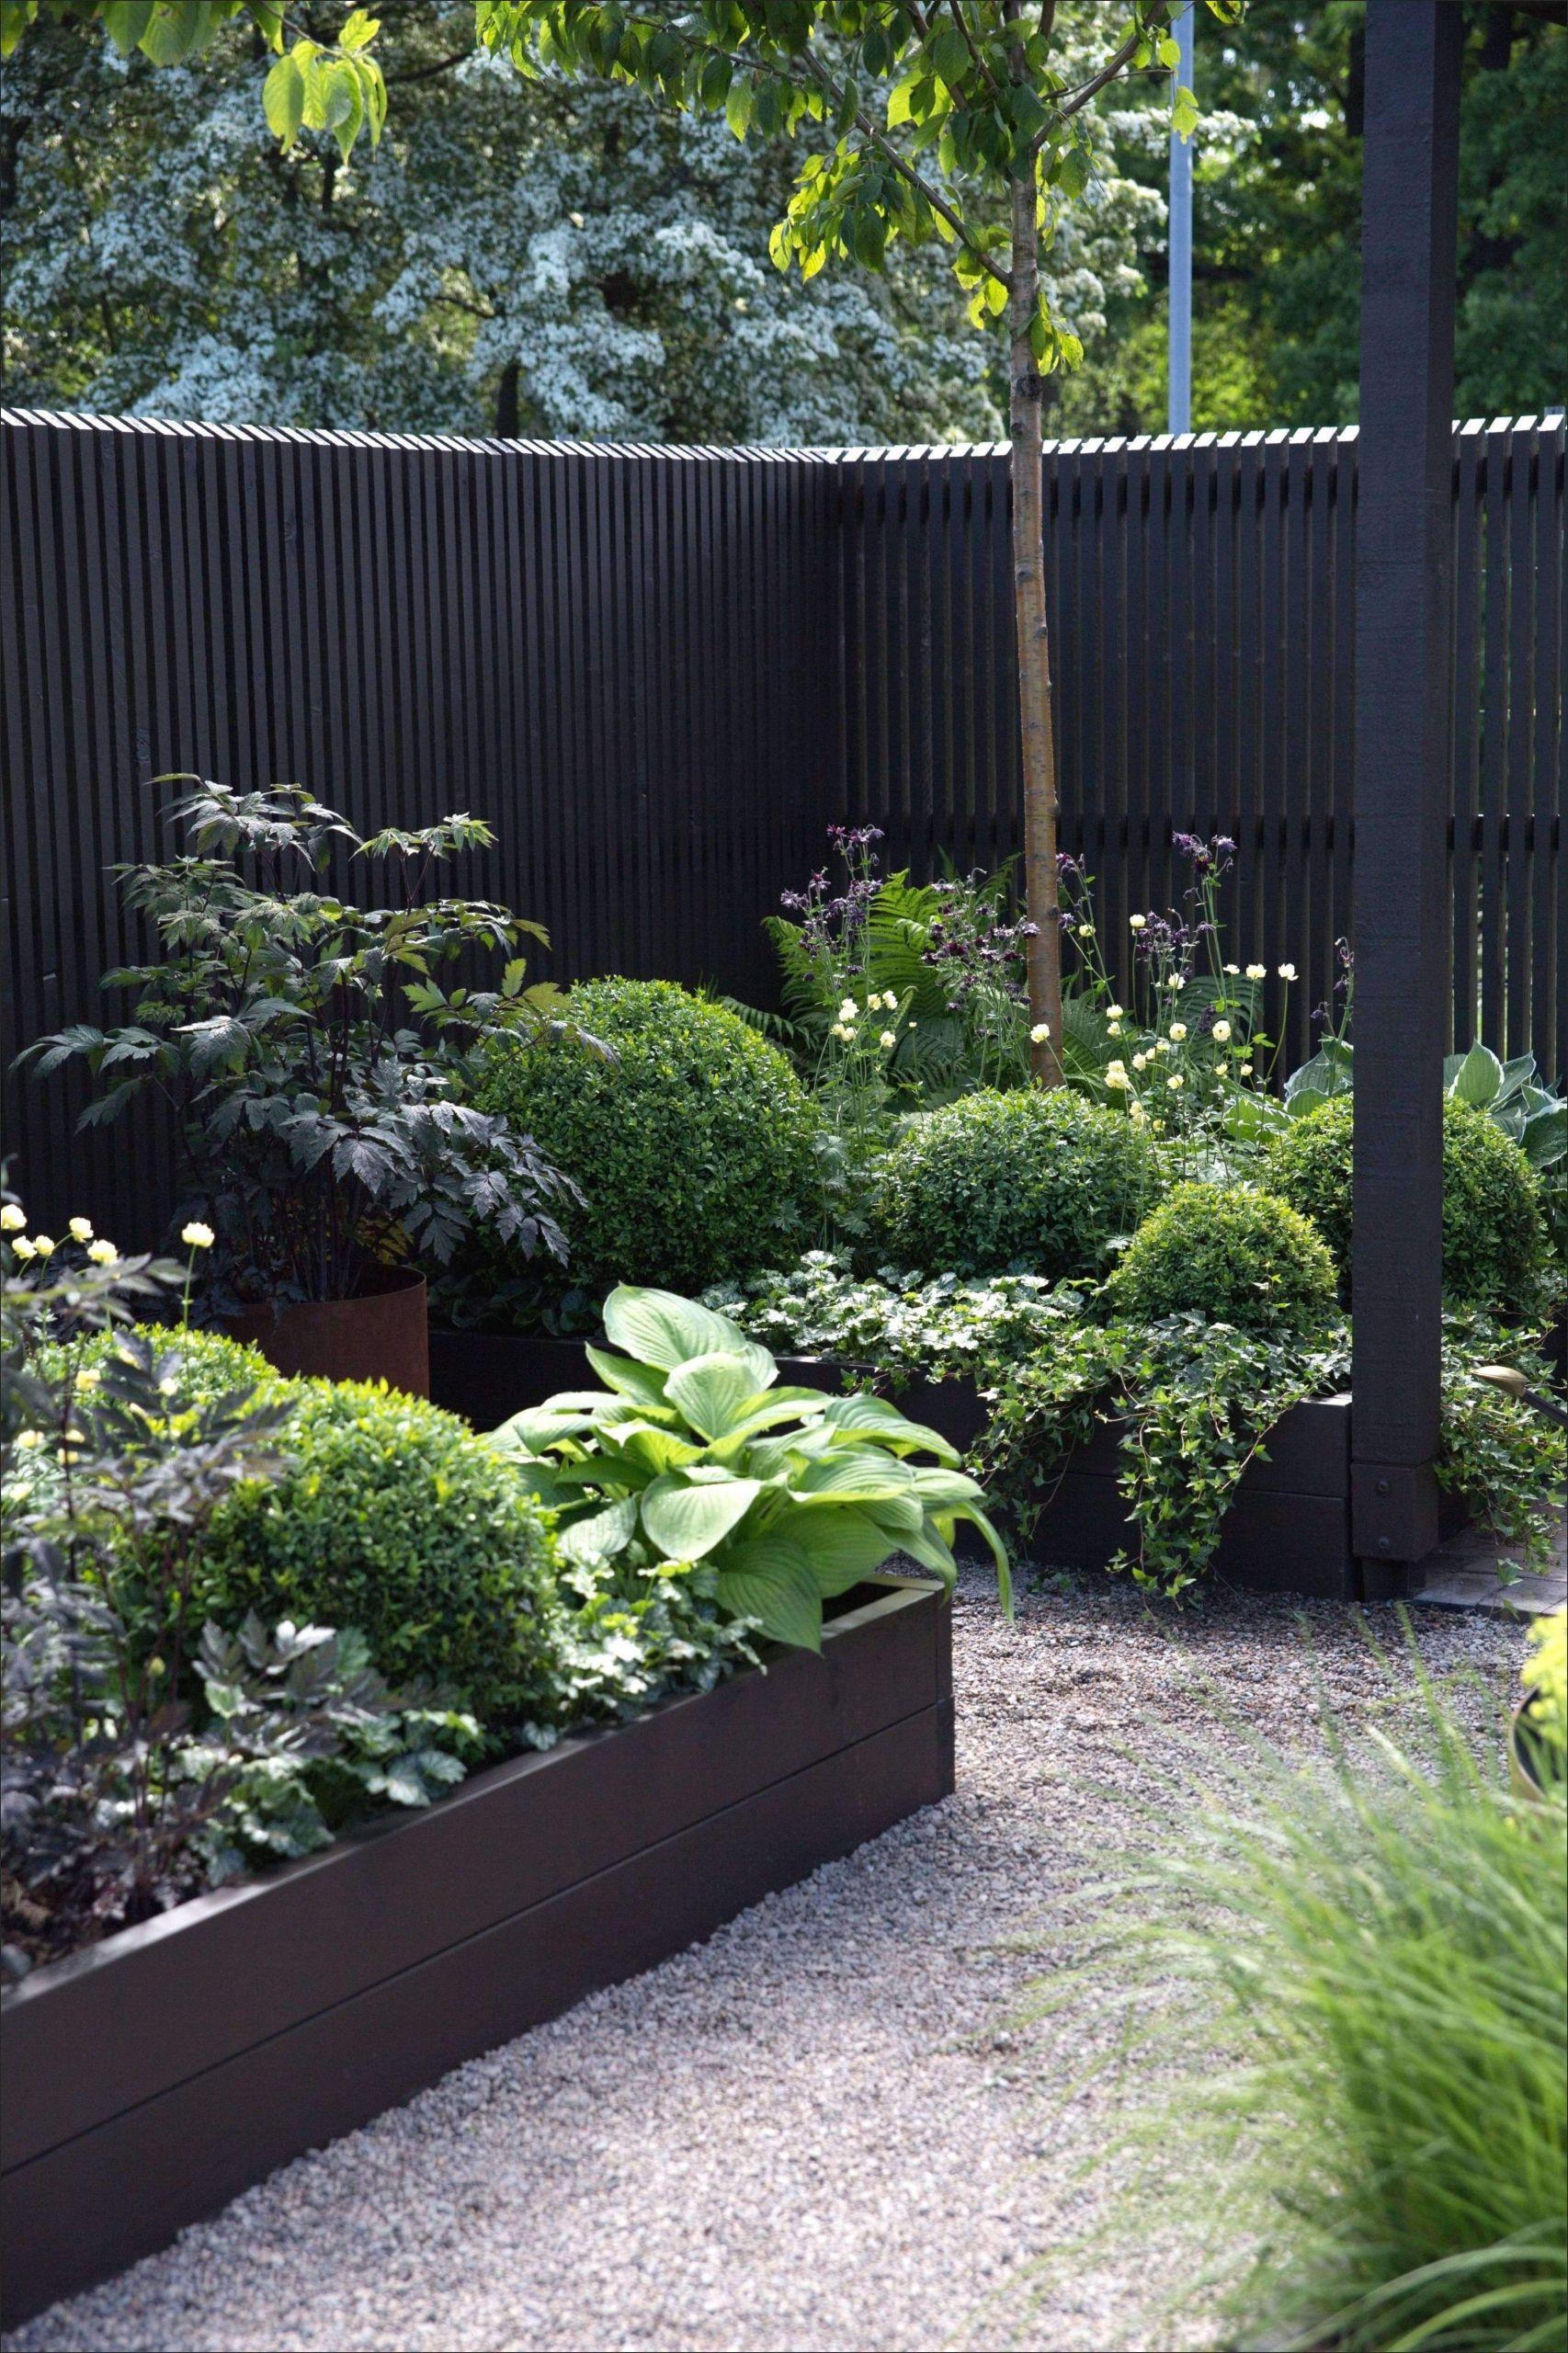 42 neu sichtschutz terrasse gunstig galerie weiser garten pflanzplan weiser garten pflanzplan